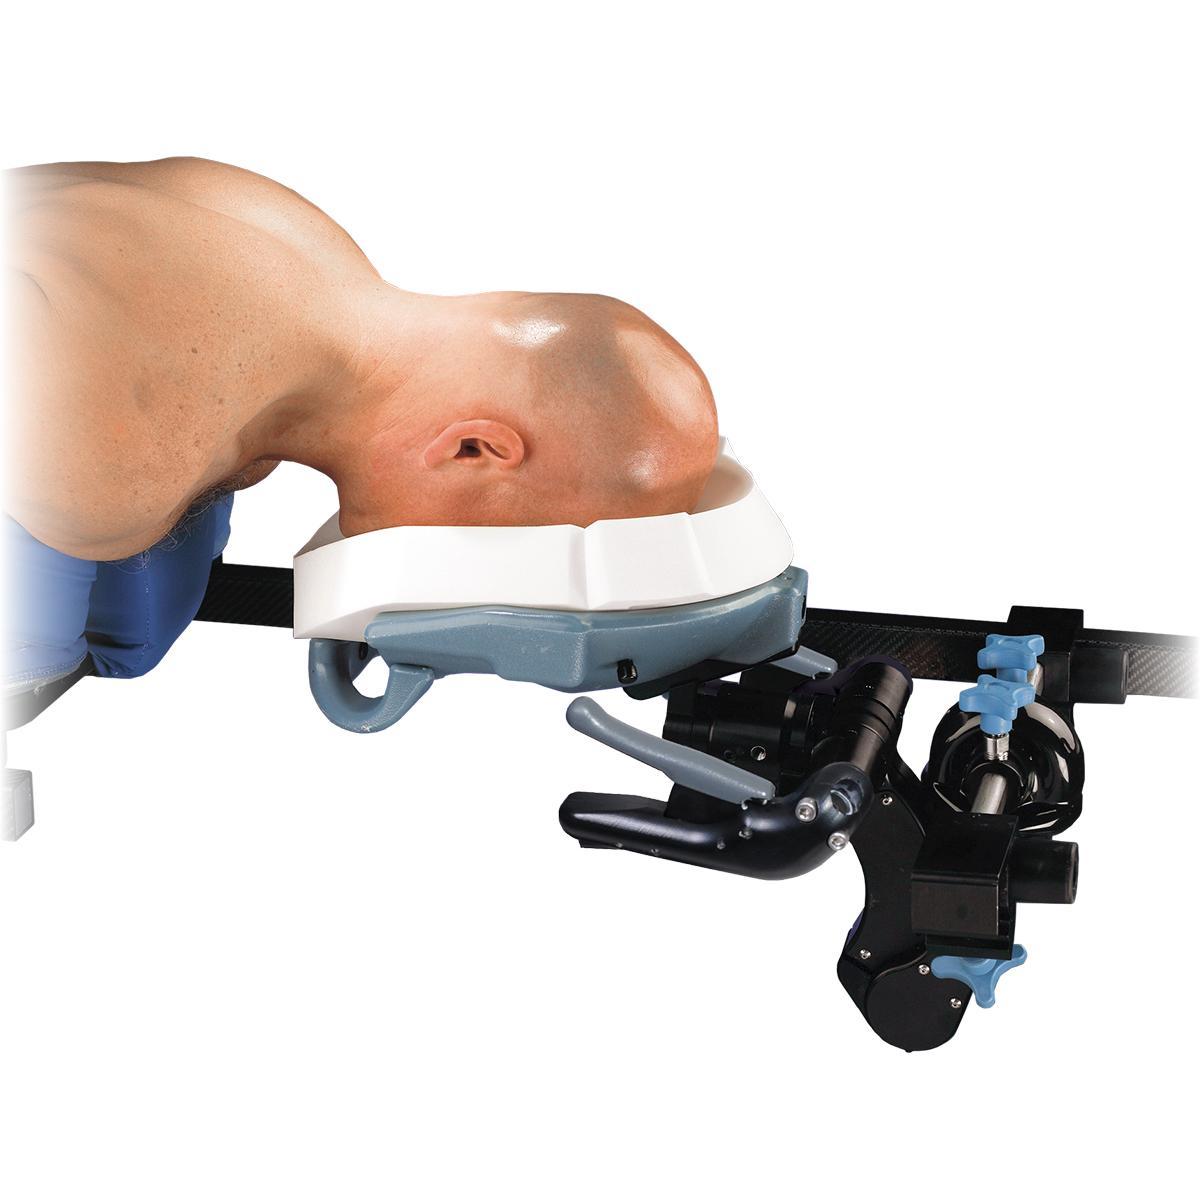 Système de positionnement de tête C-Flex en cours d'utilisation, patient en position couchée